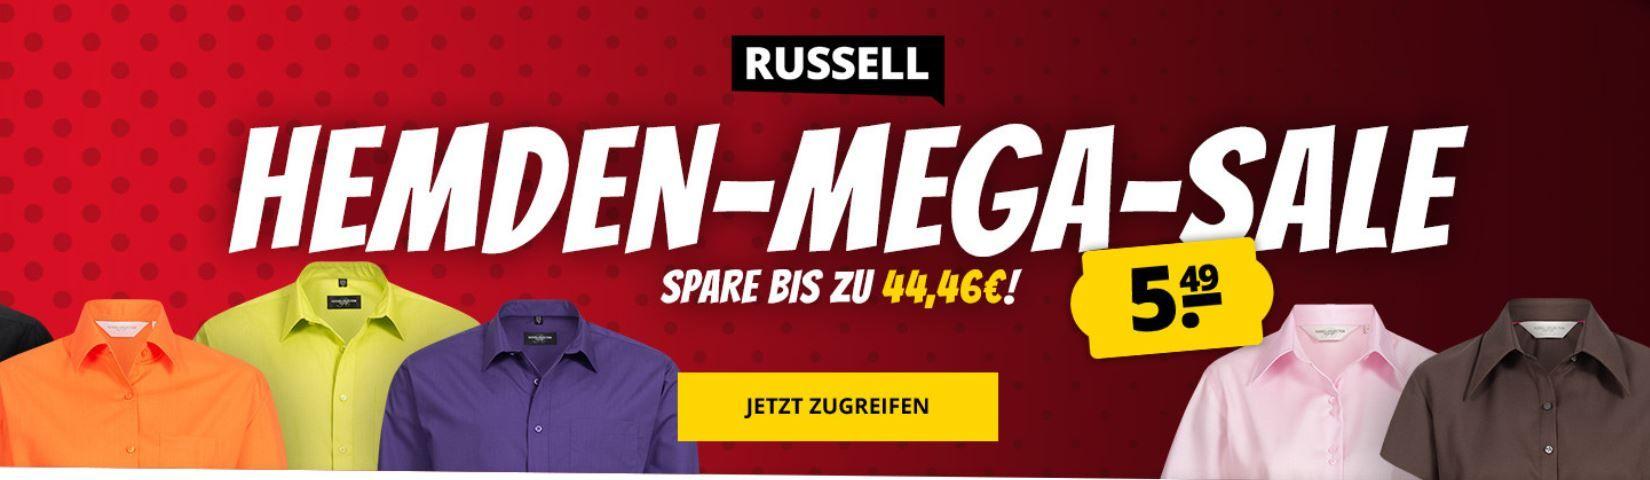 Russell Sale mit vielen Deals   z.B. 5er Pack Herren T Shirts für 9,99€ oder Hemden für 5,49€